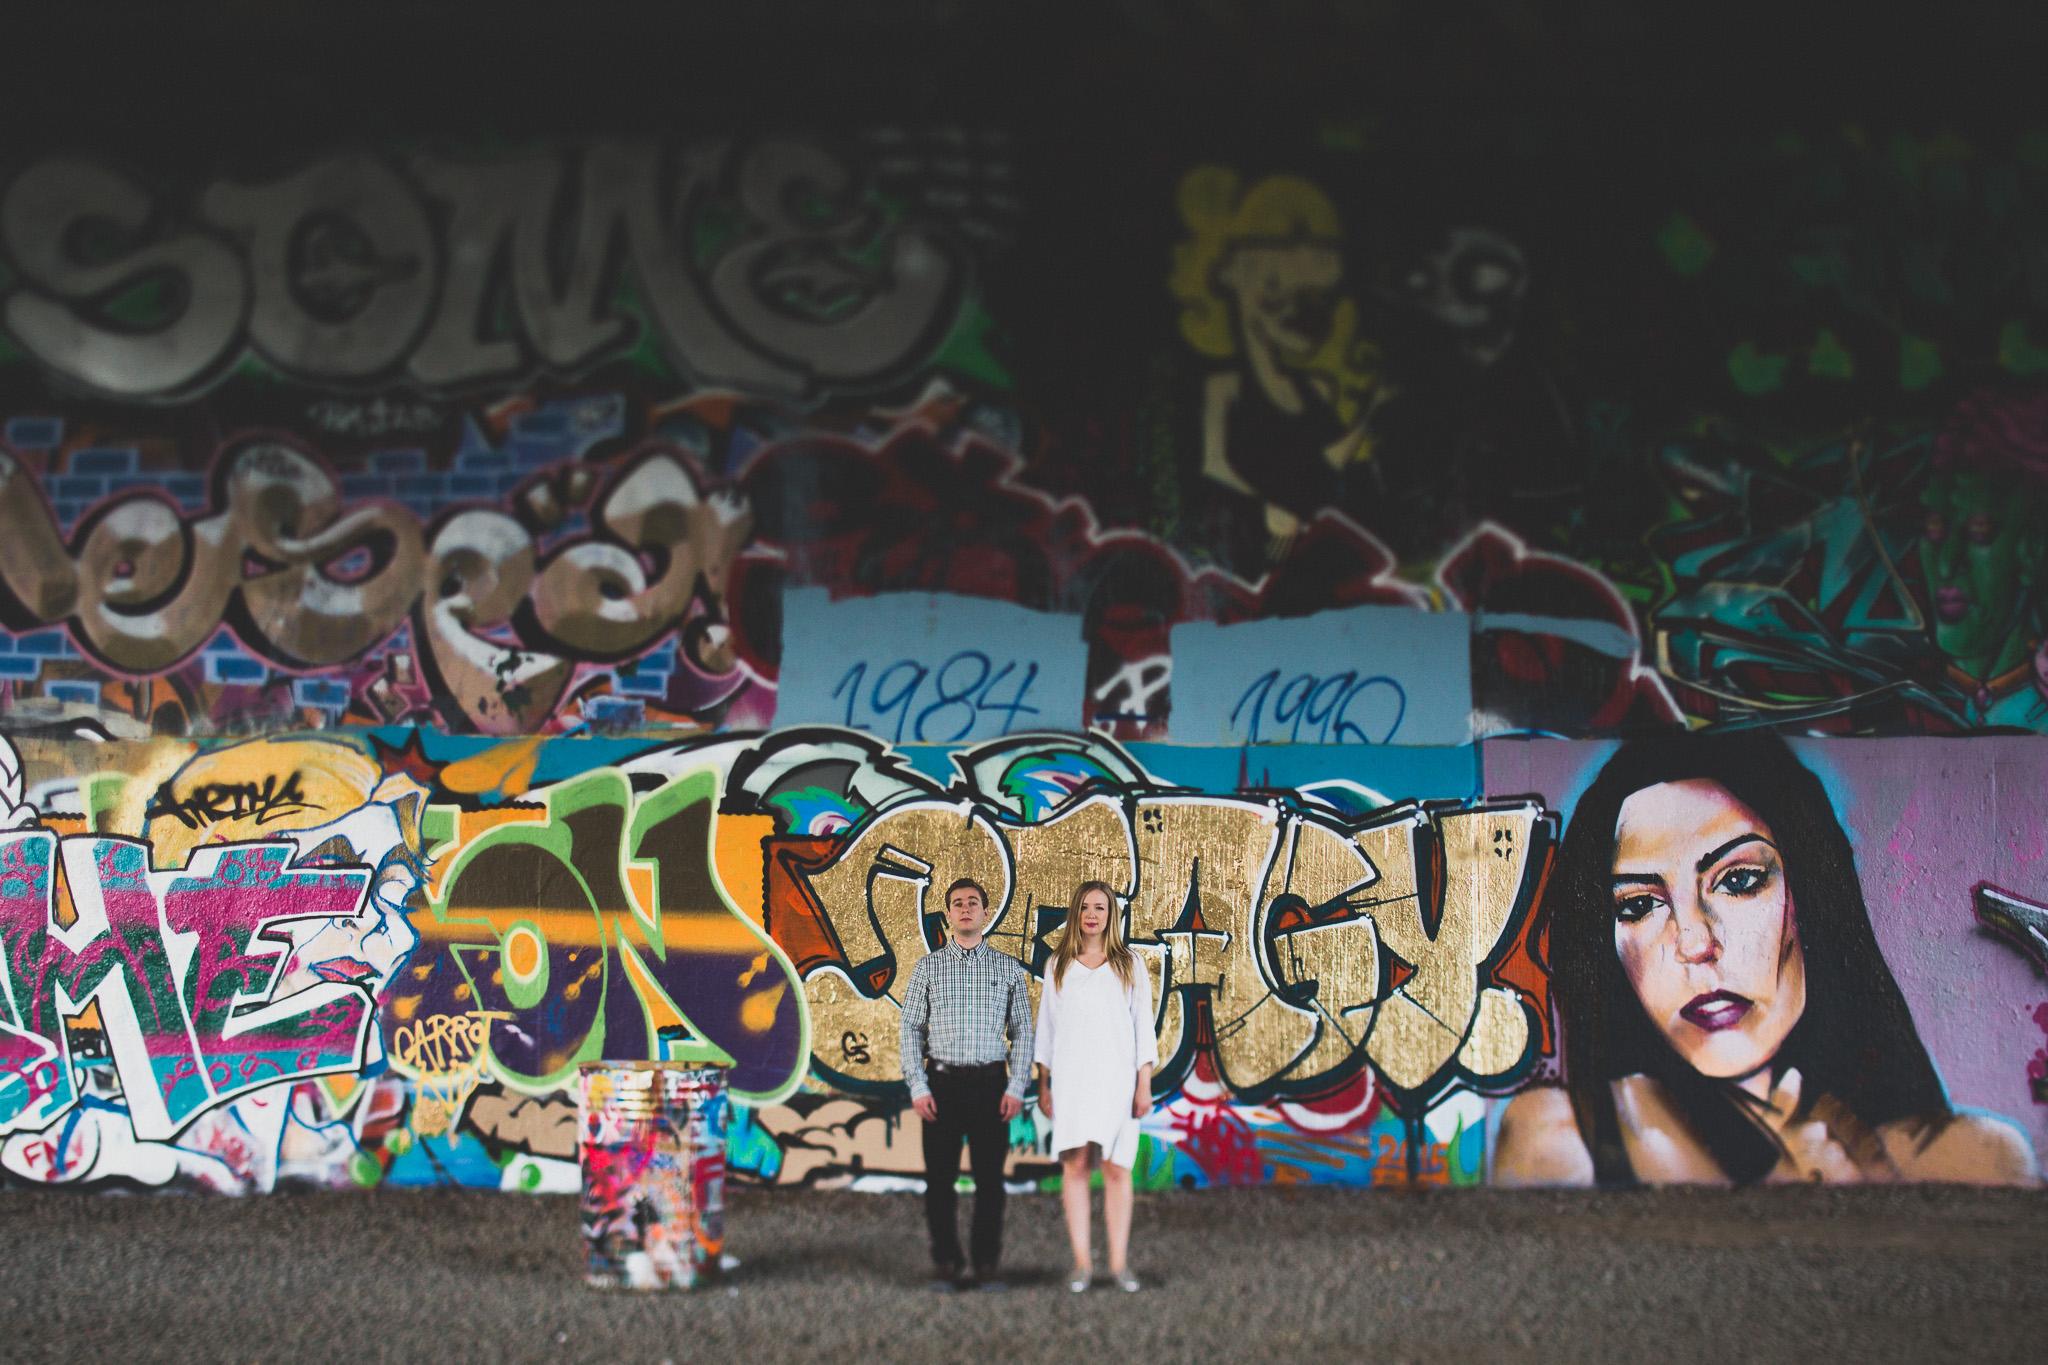 Graffiti Wall Carleton University session